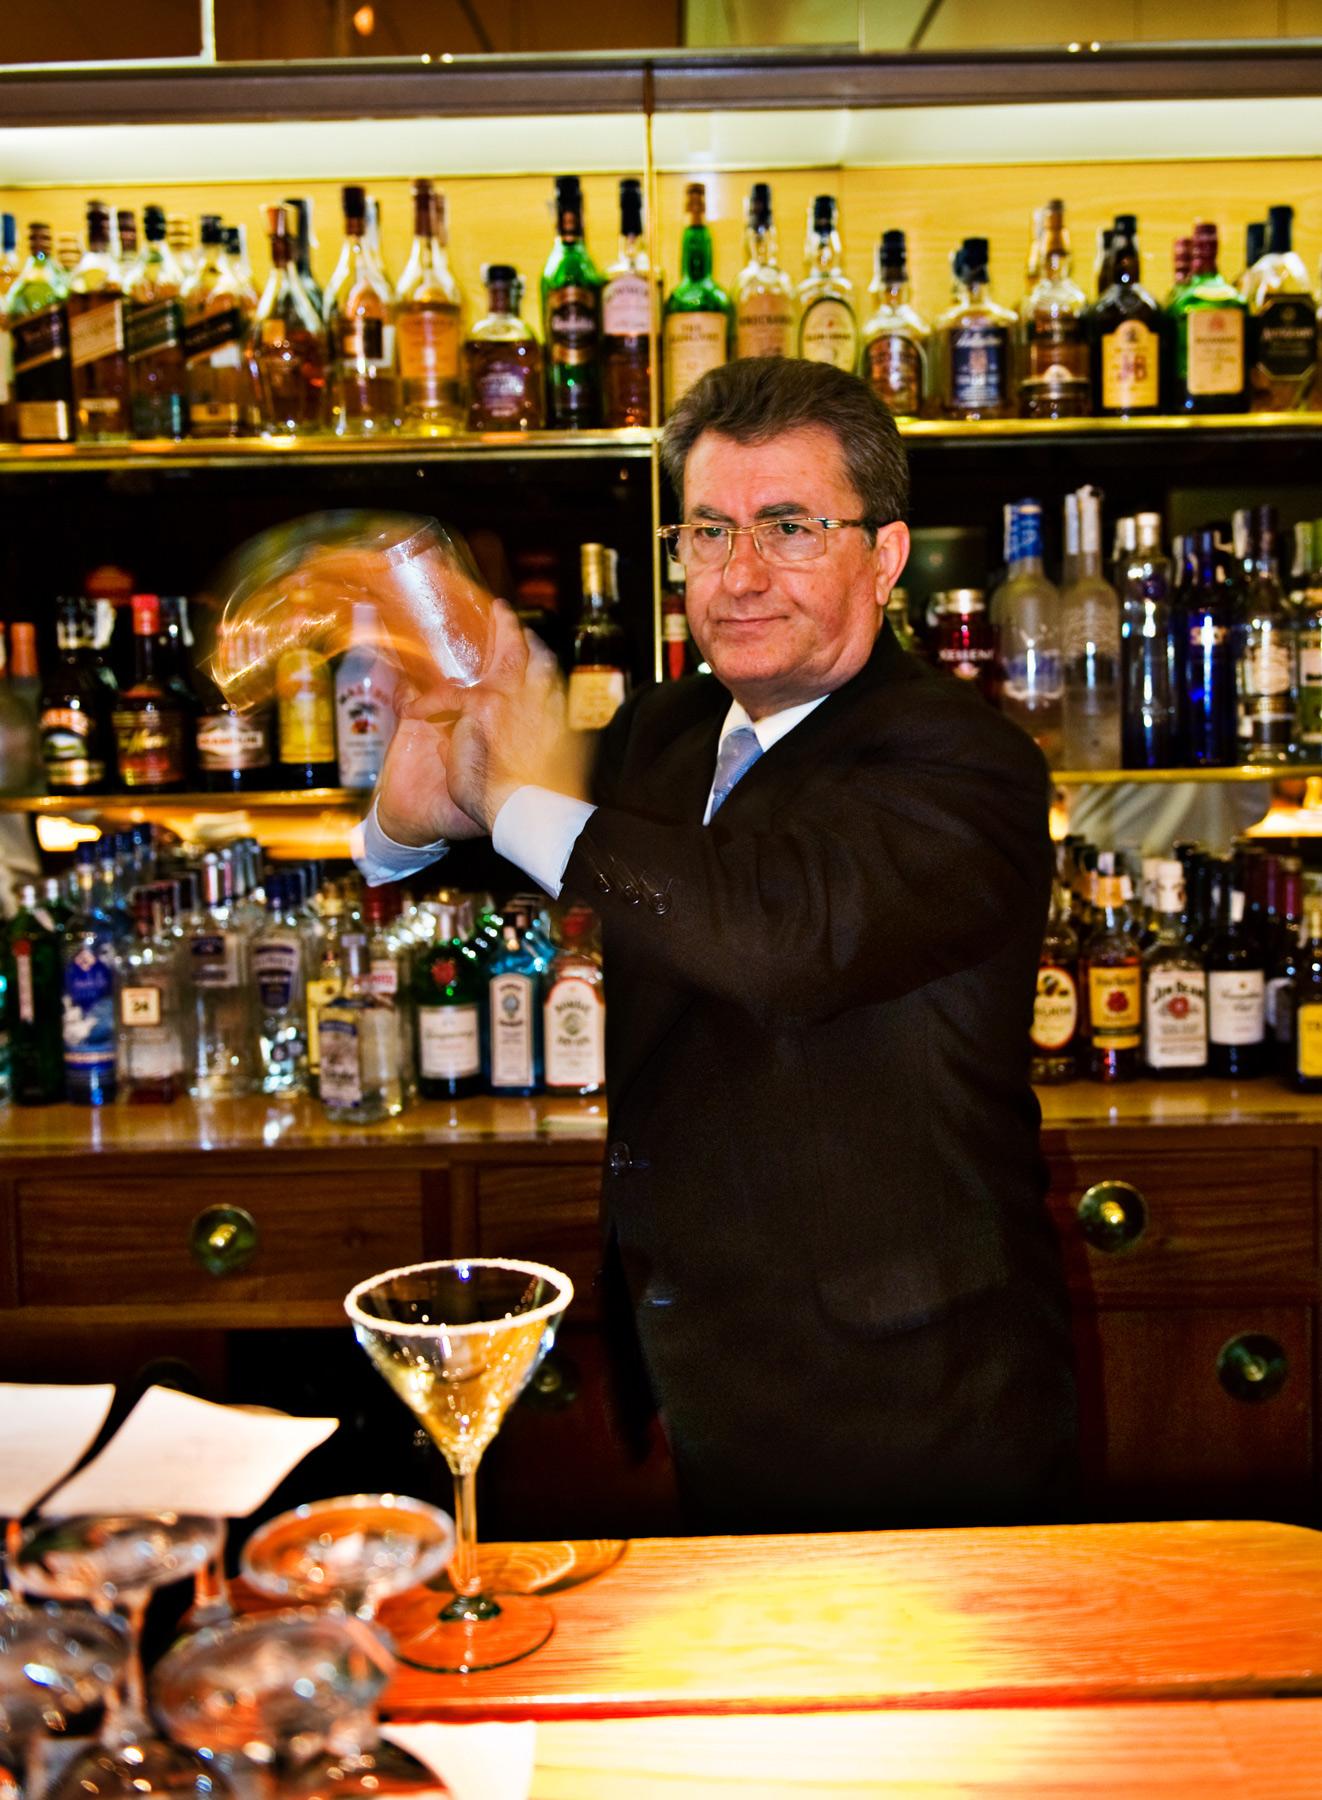 spanien_madrid_del-diego-cocktail-bar_mr-diego_